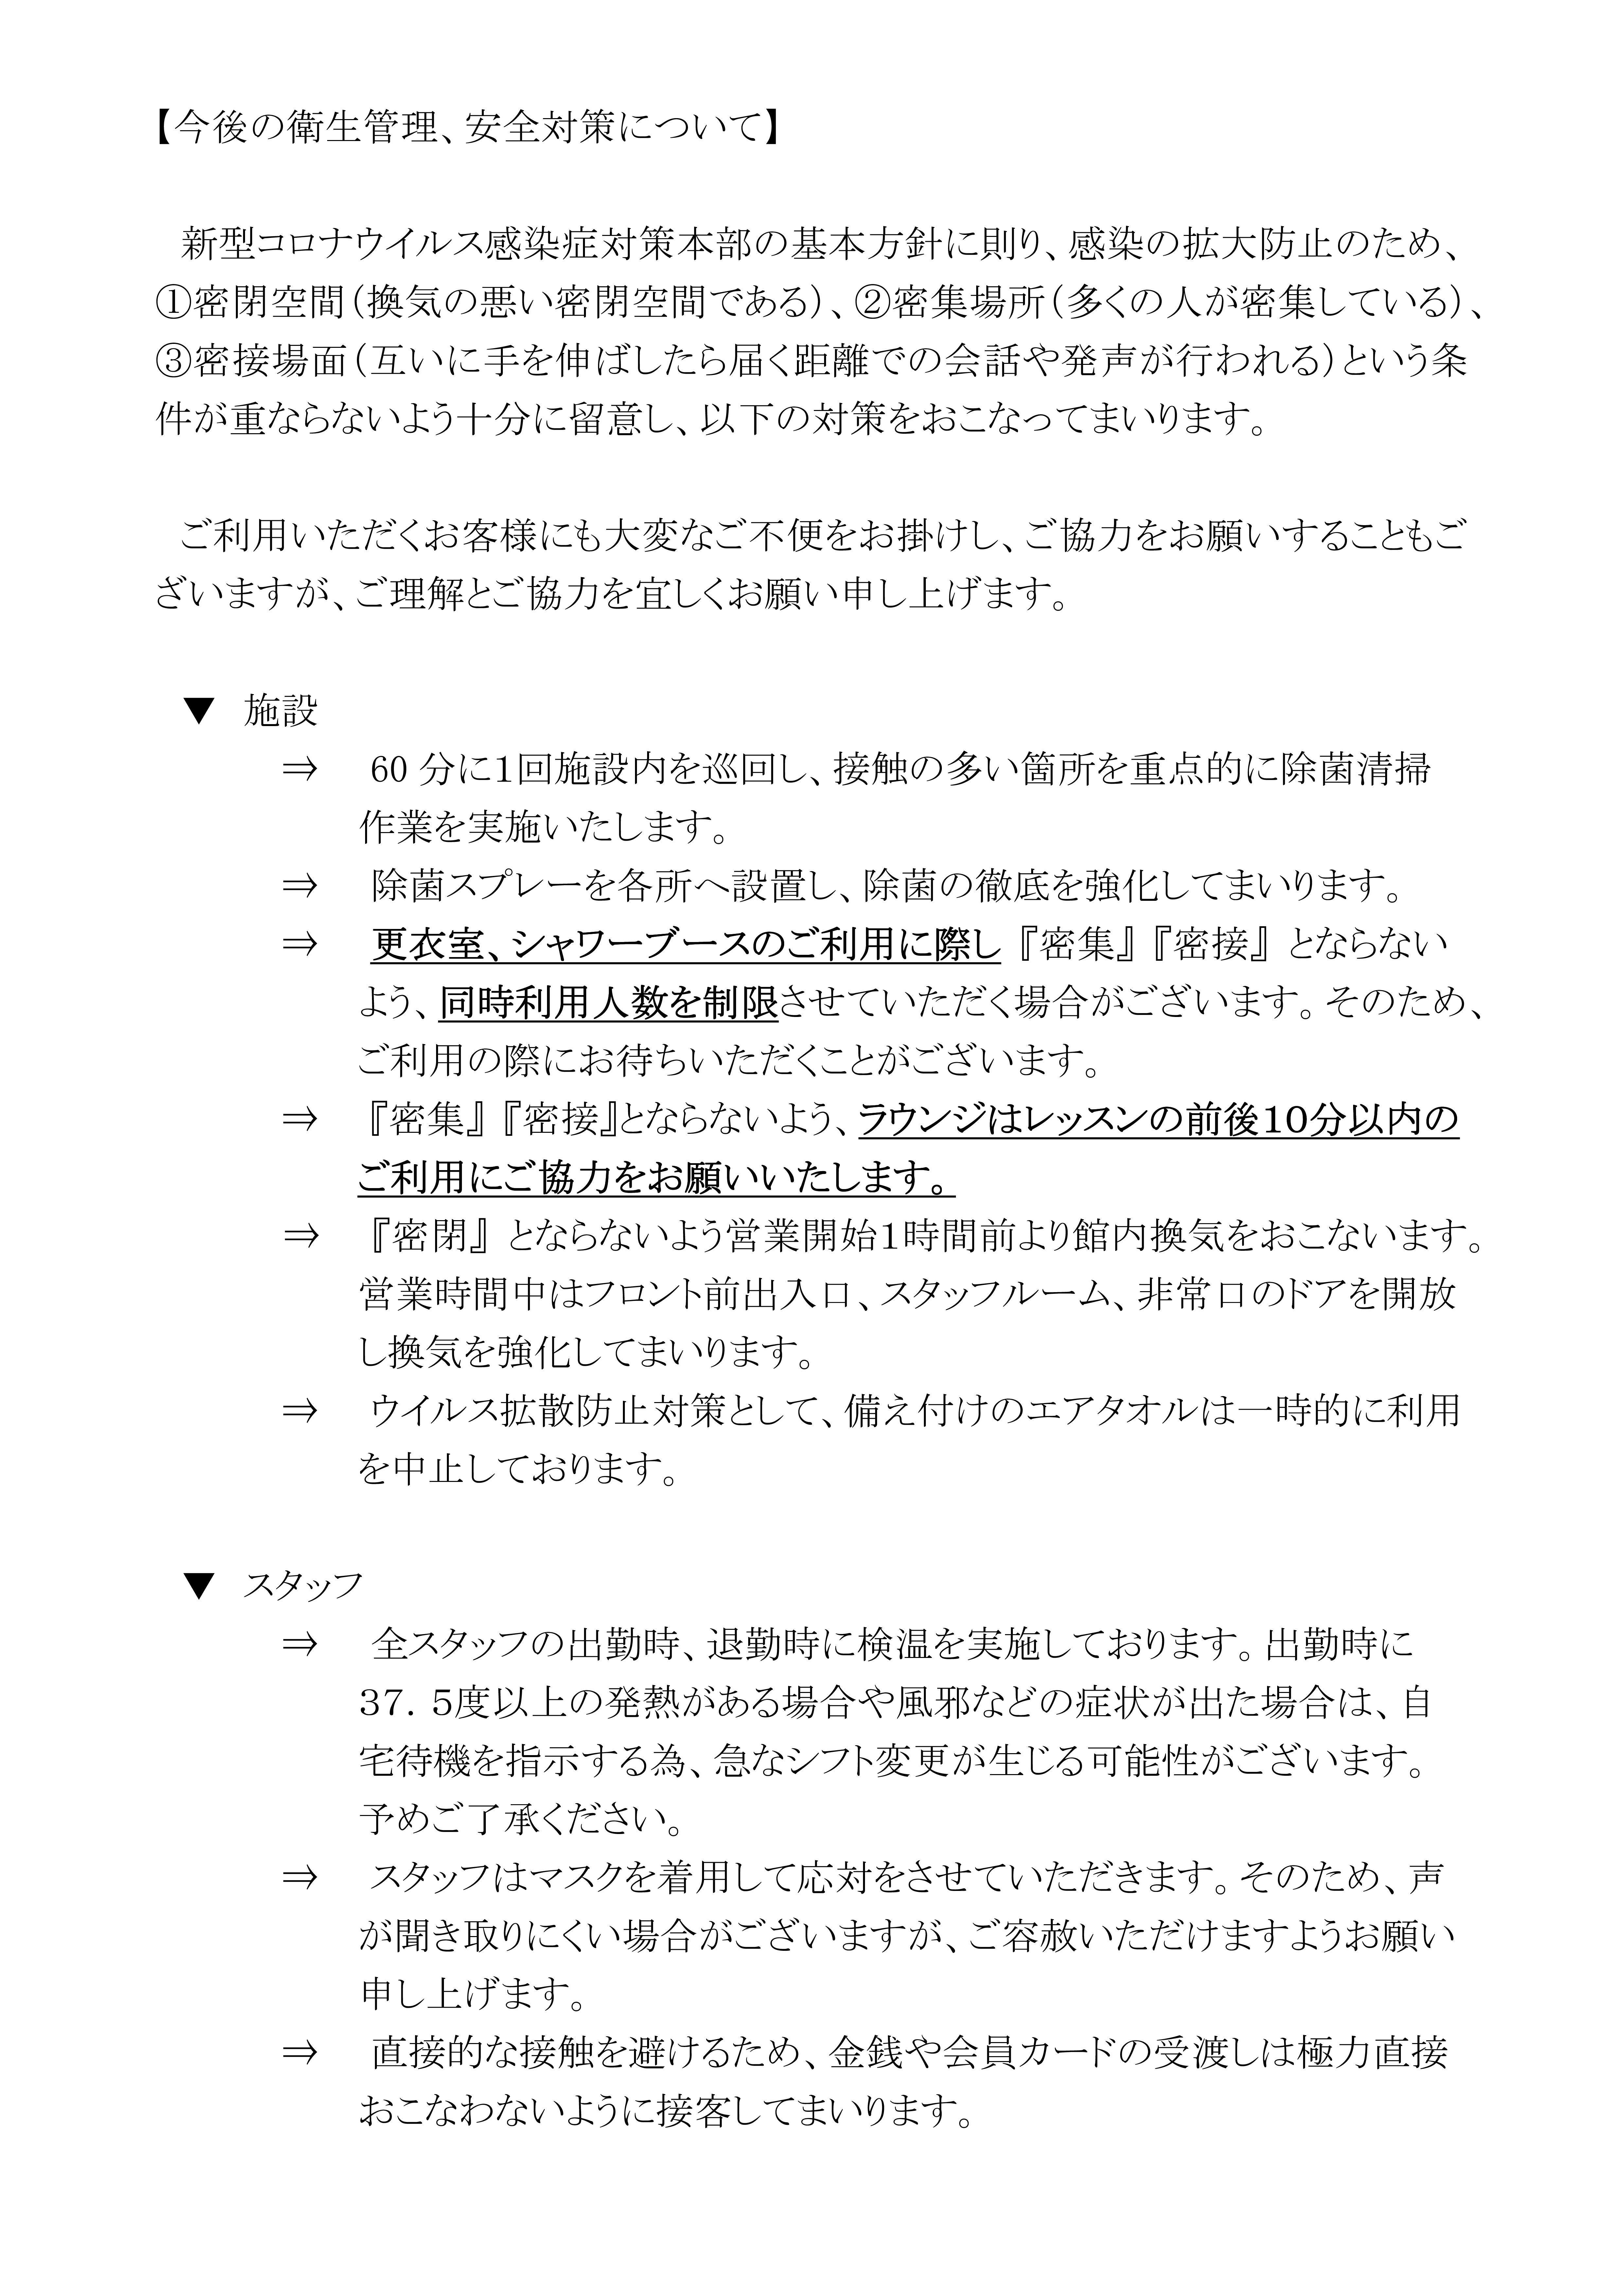 (港北)通常営業再開のお知らせ20200608(更新)-02.jpg